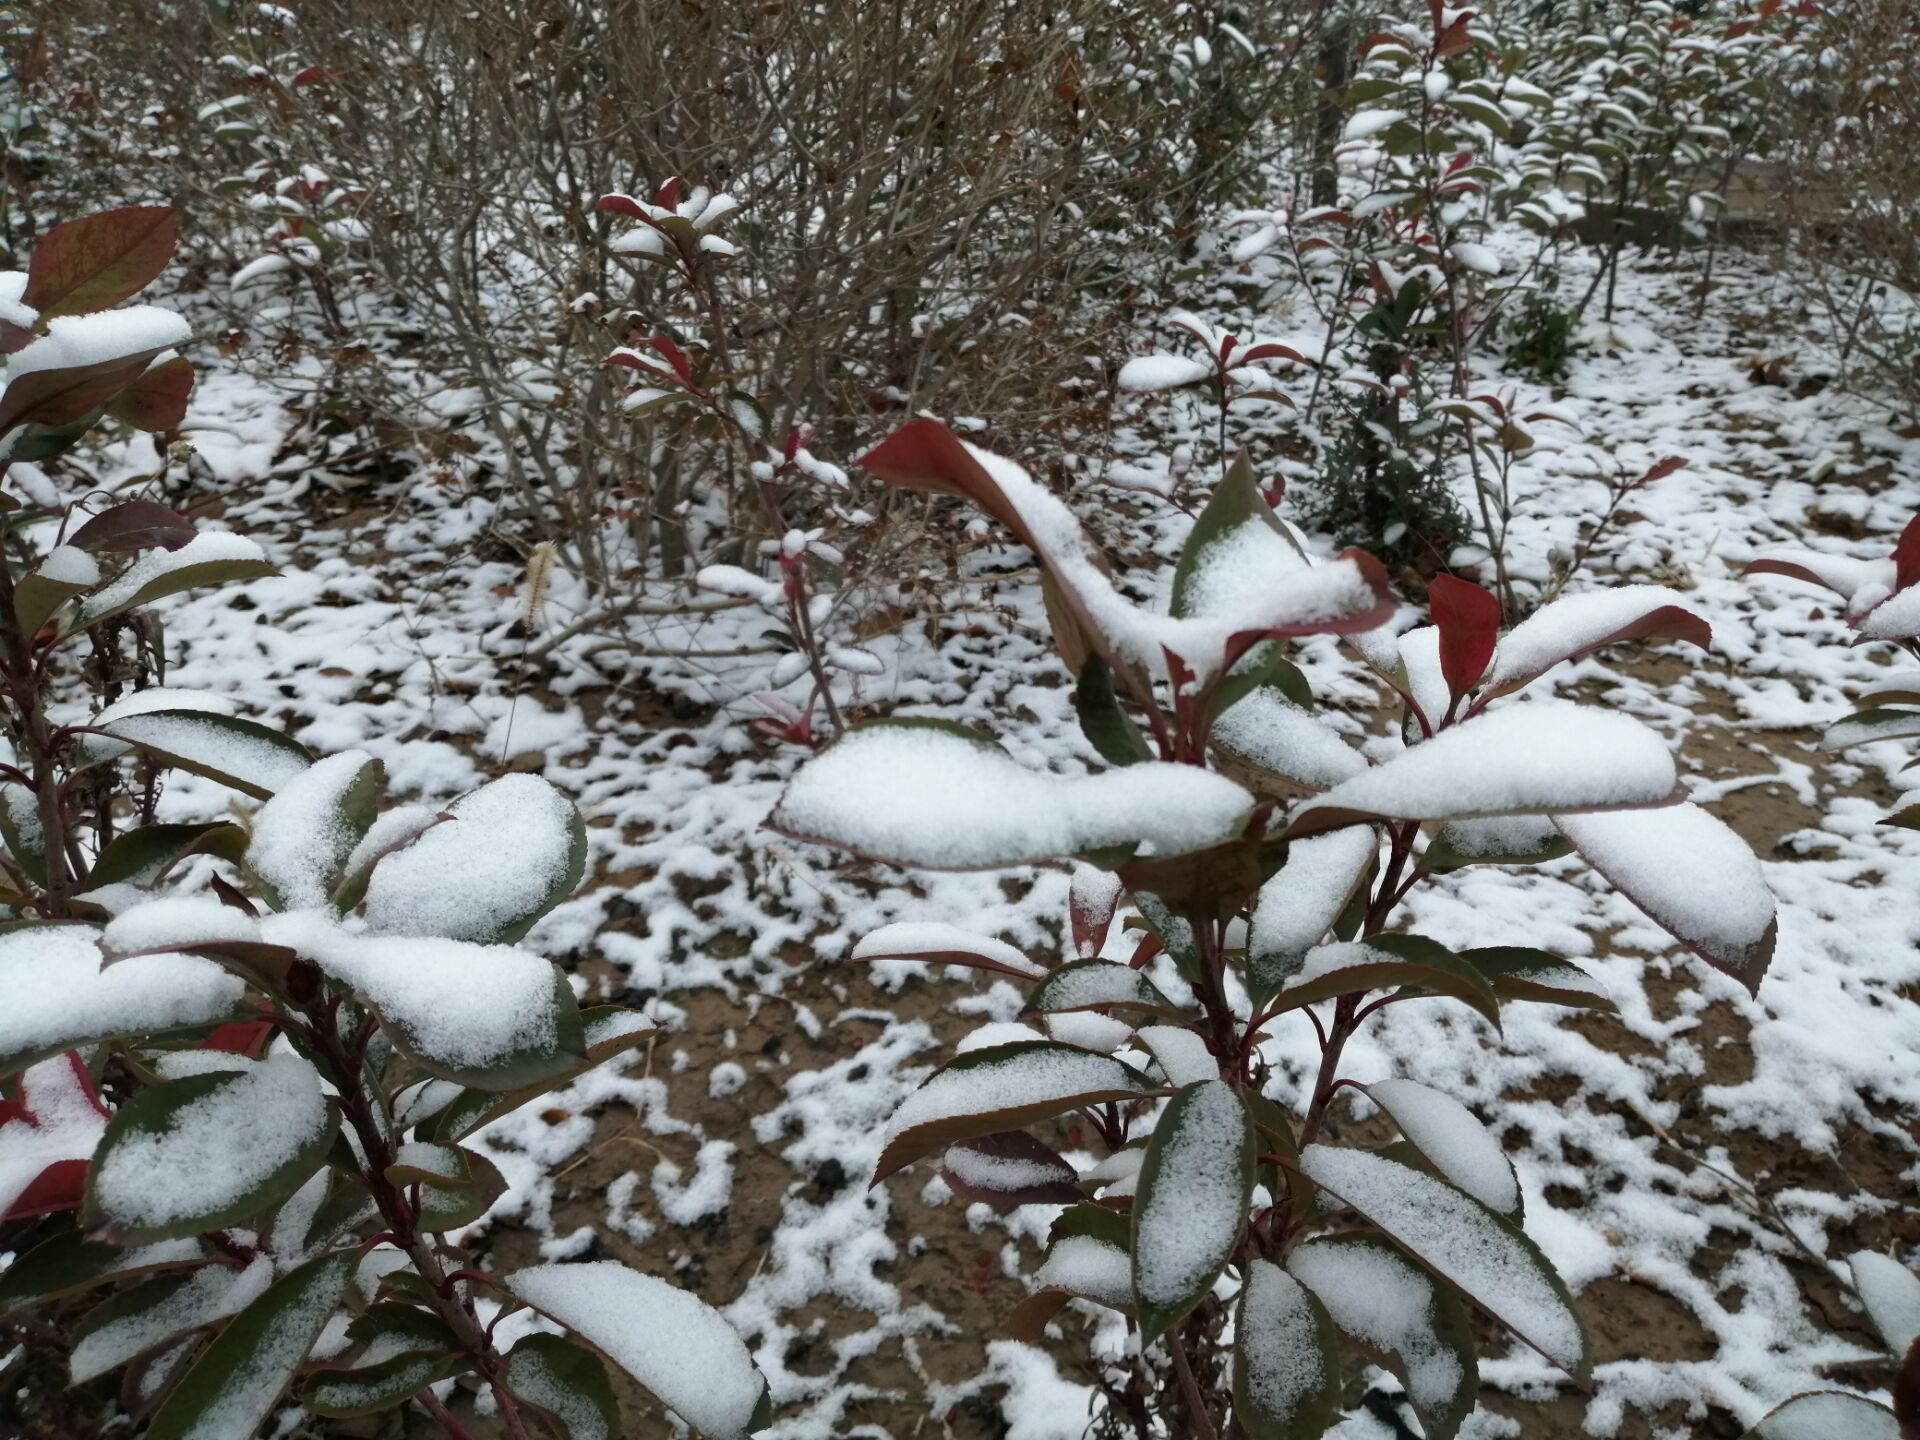 小雪降临郑州!未来几天郑州有大雪吗?